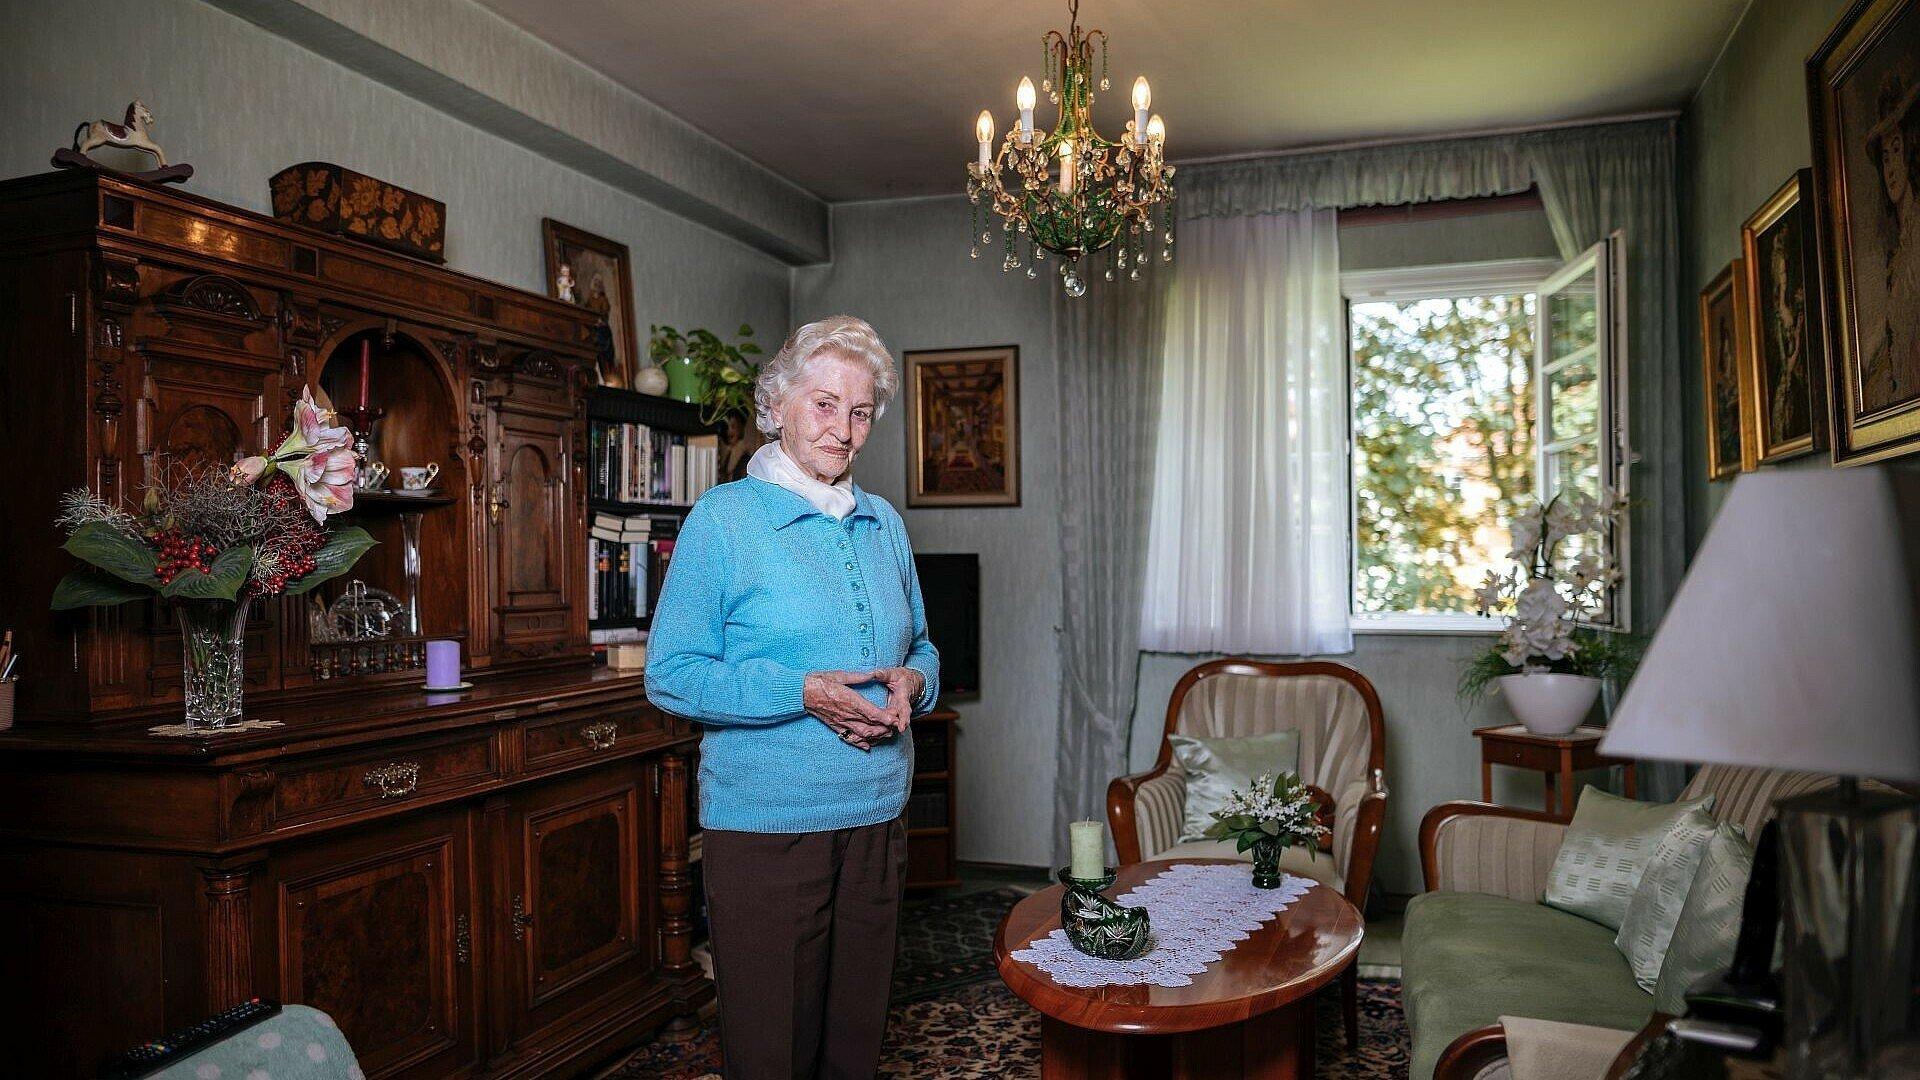 GAG-Mieterin in ihrem Wohnzimmer in der Rosenhofsiedlung in Bickendorf